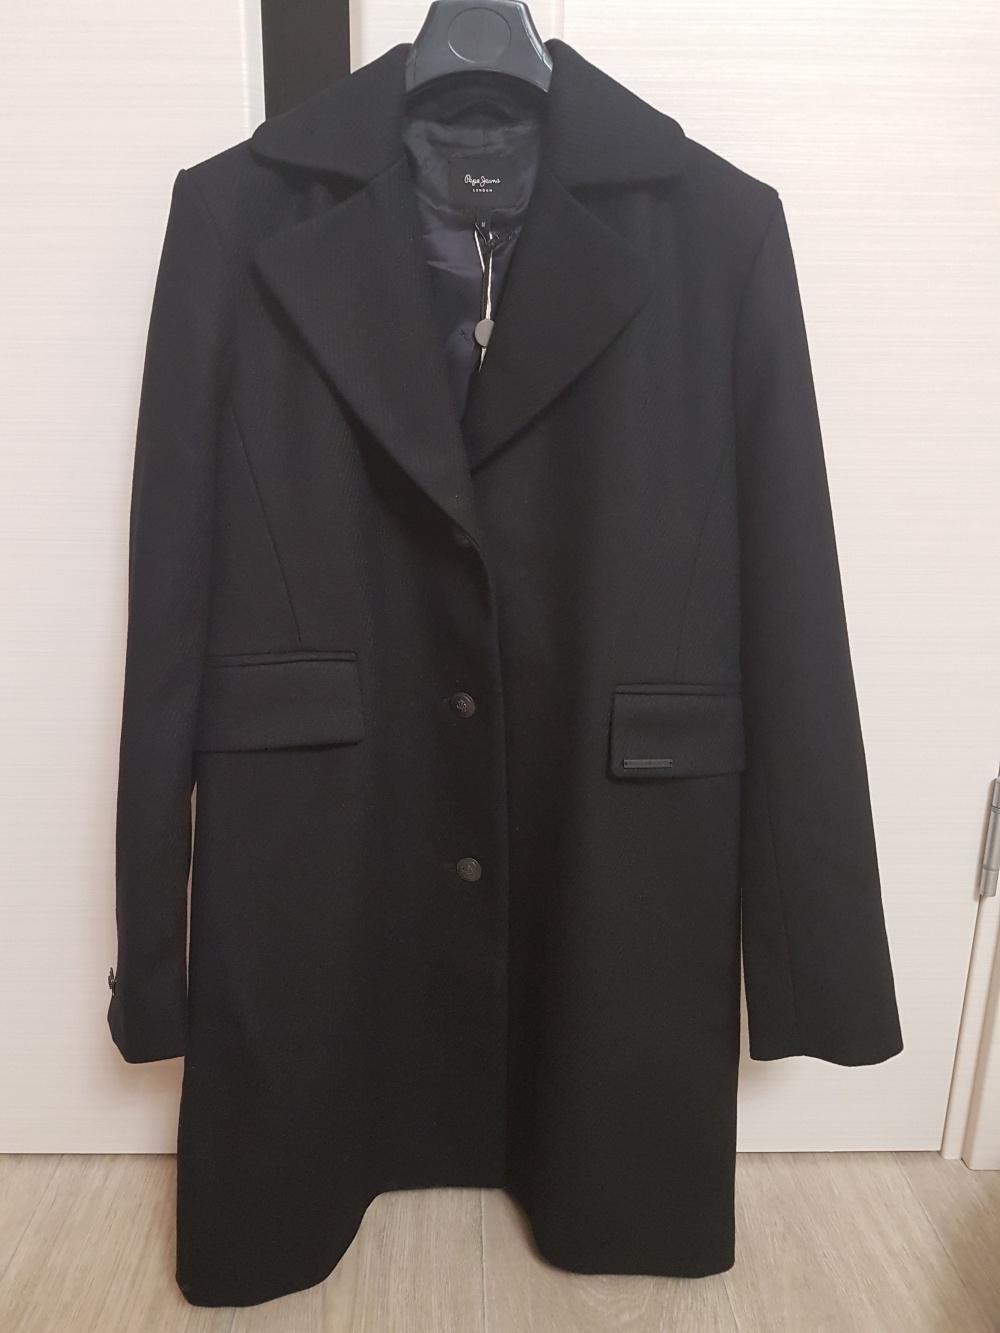 Шерстяное пальто Pepe Jeans, размер M